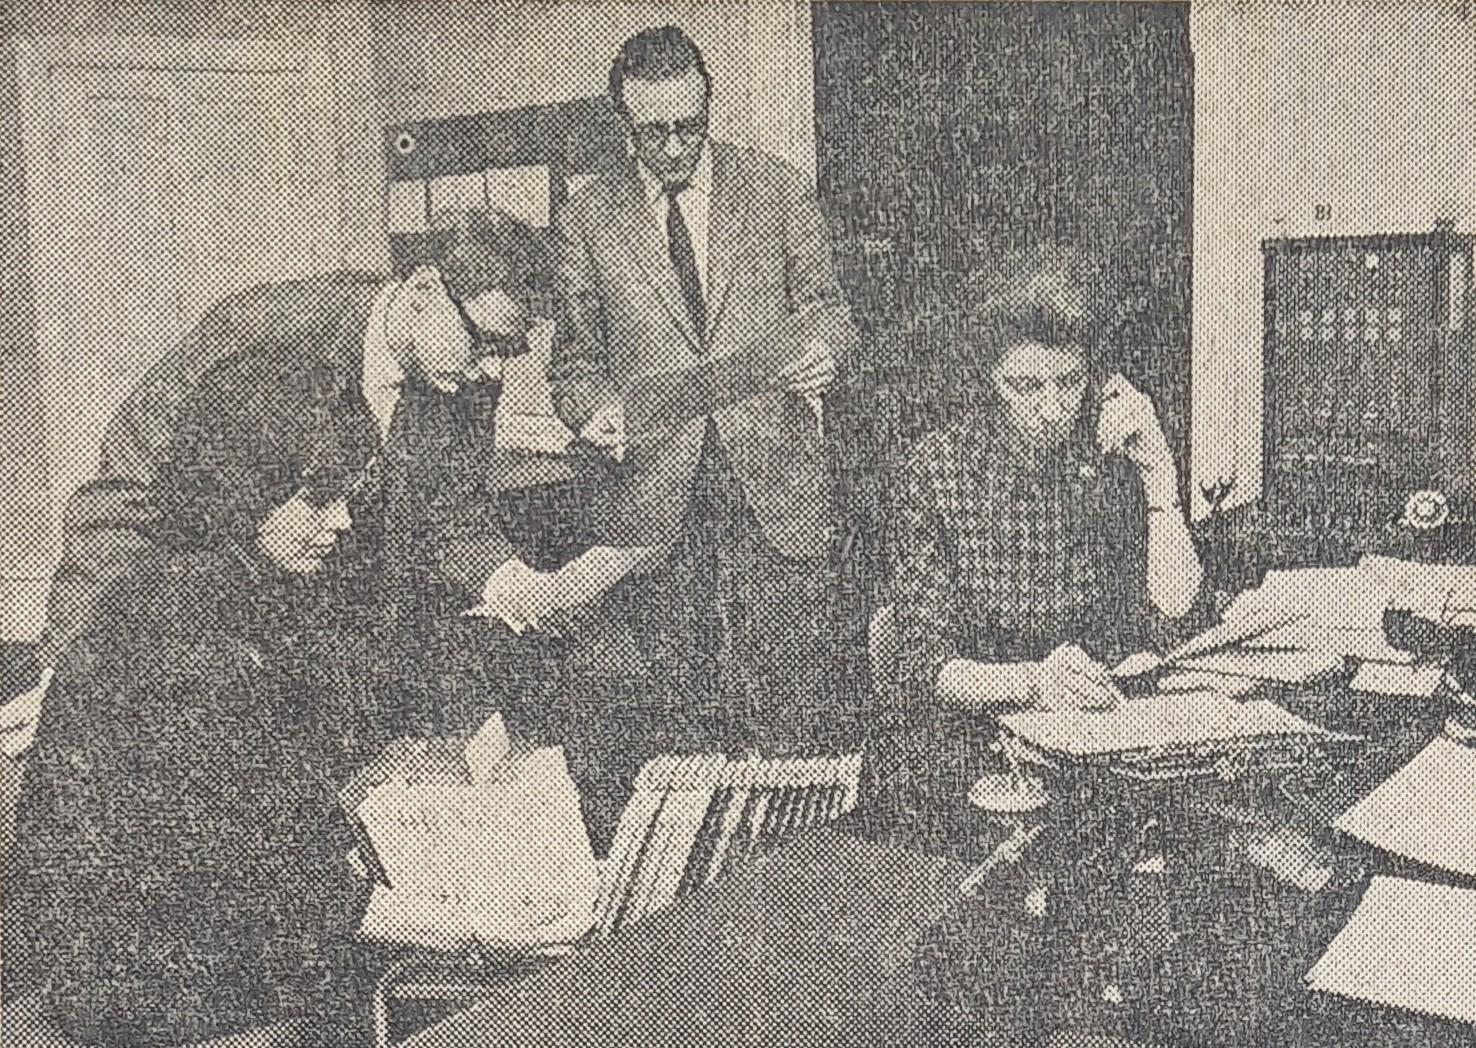 Aktivitet i Vagtformidlingen anno 1964